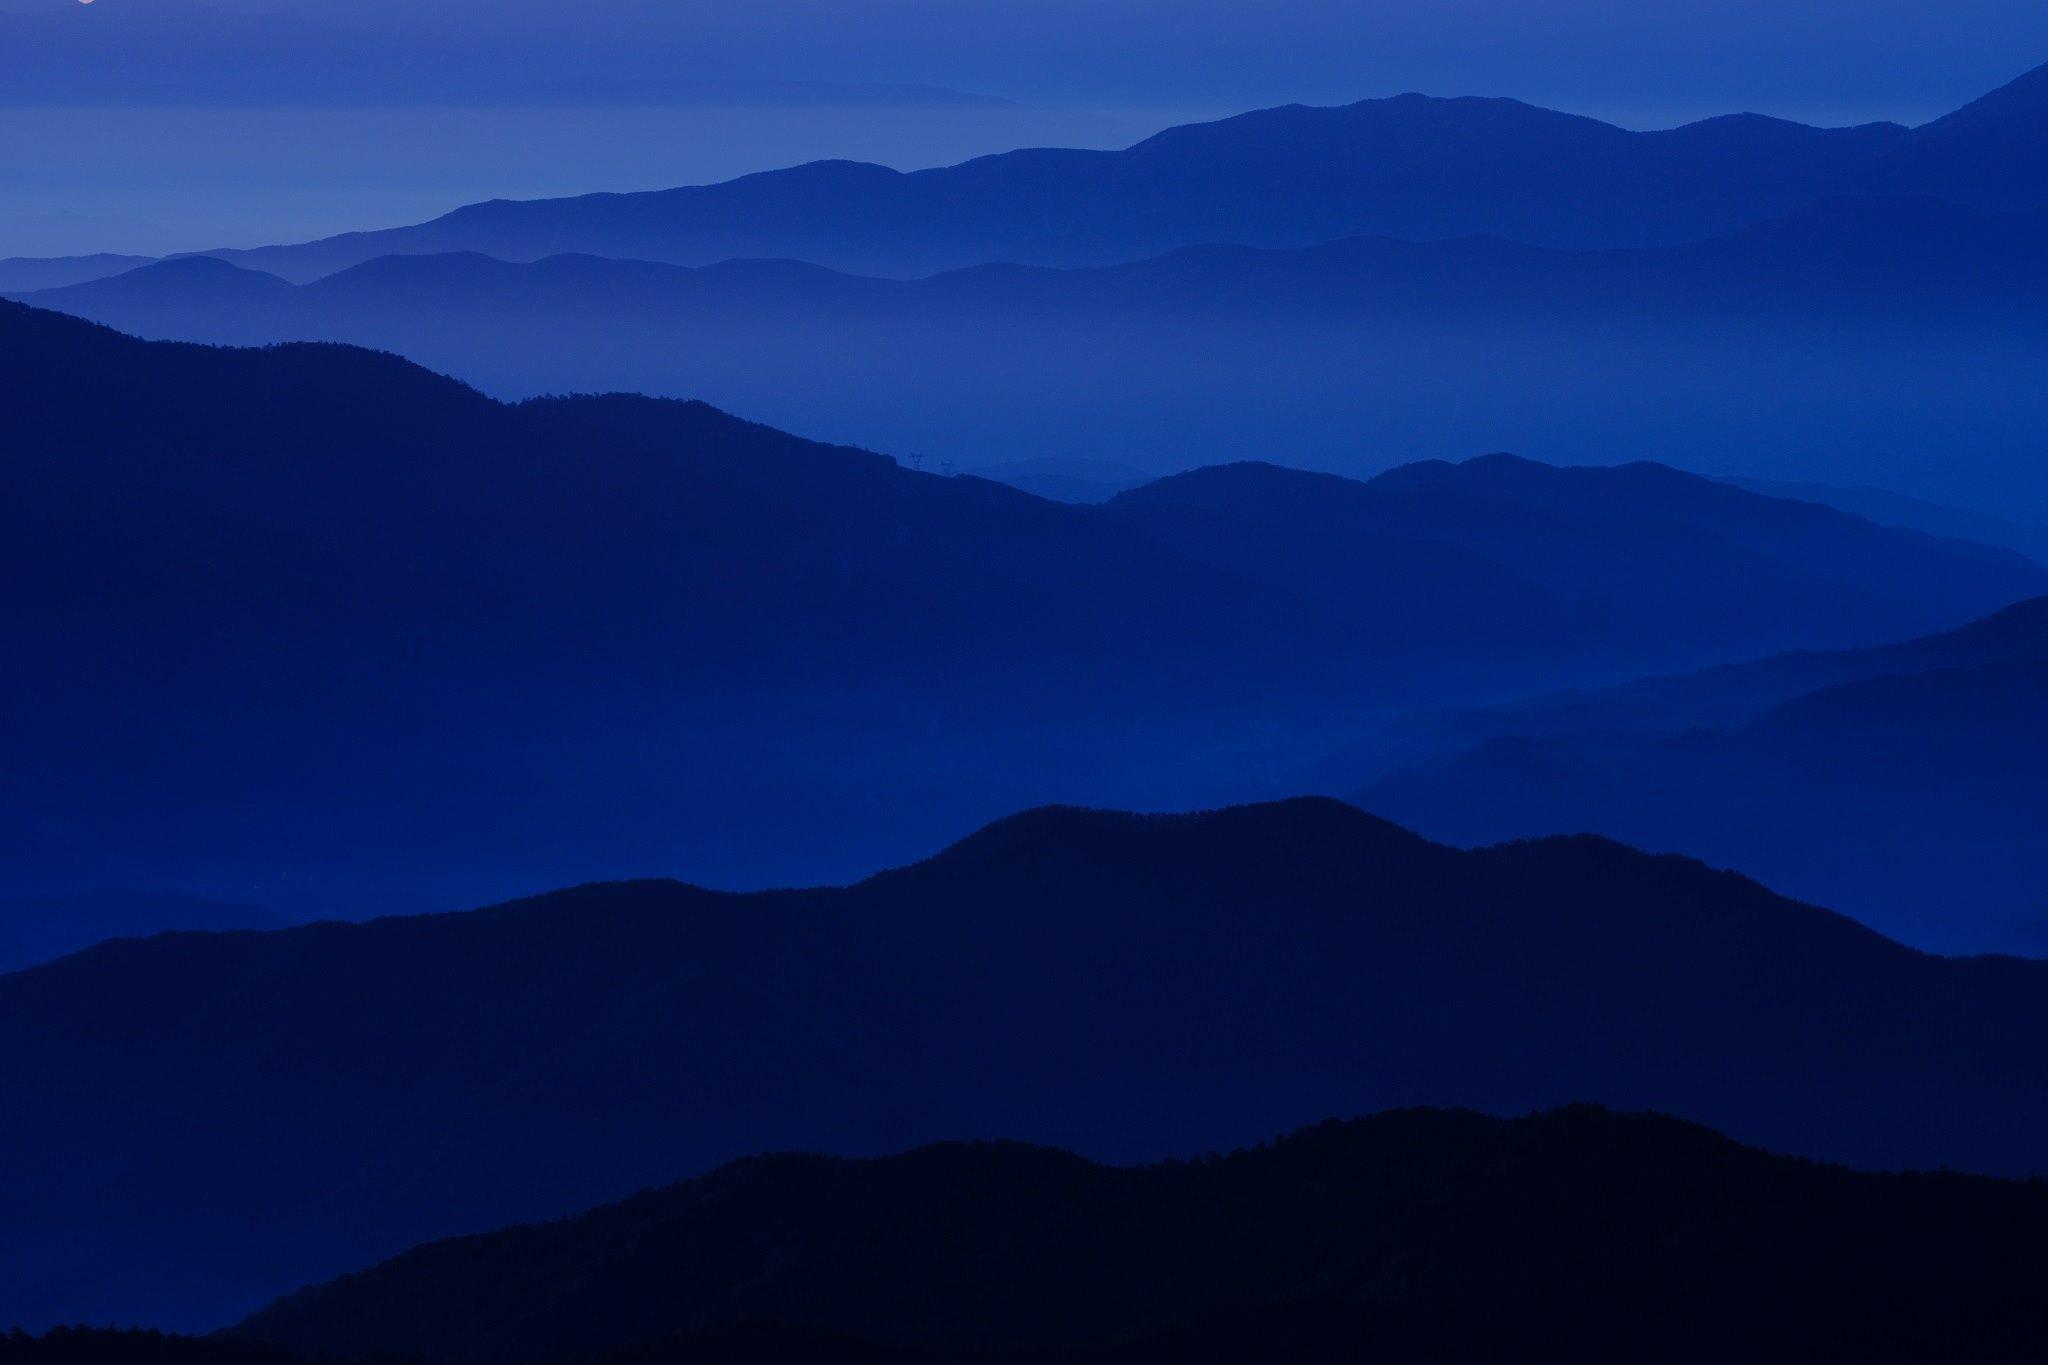 黎明山脈図 FUJIFILM X Series Facebookより転載_f0050534_23405479.jpg